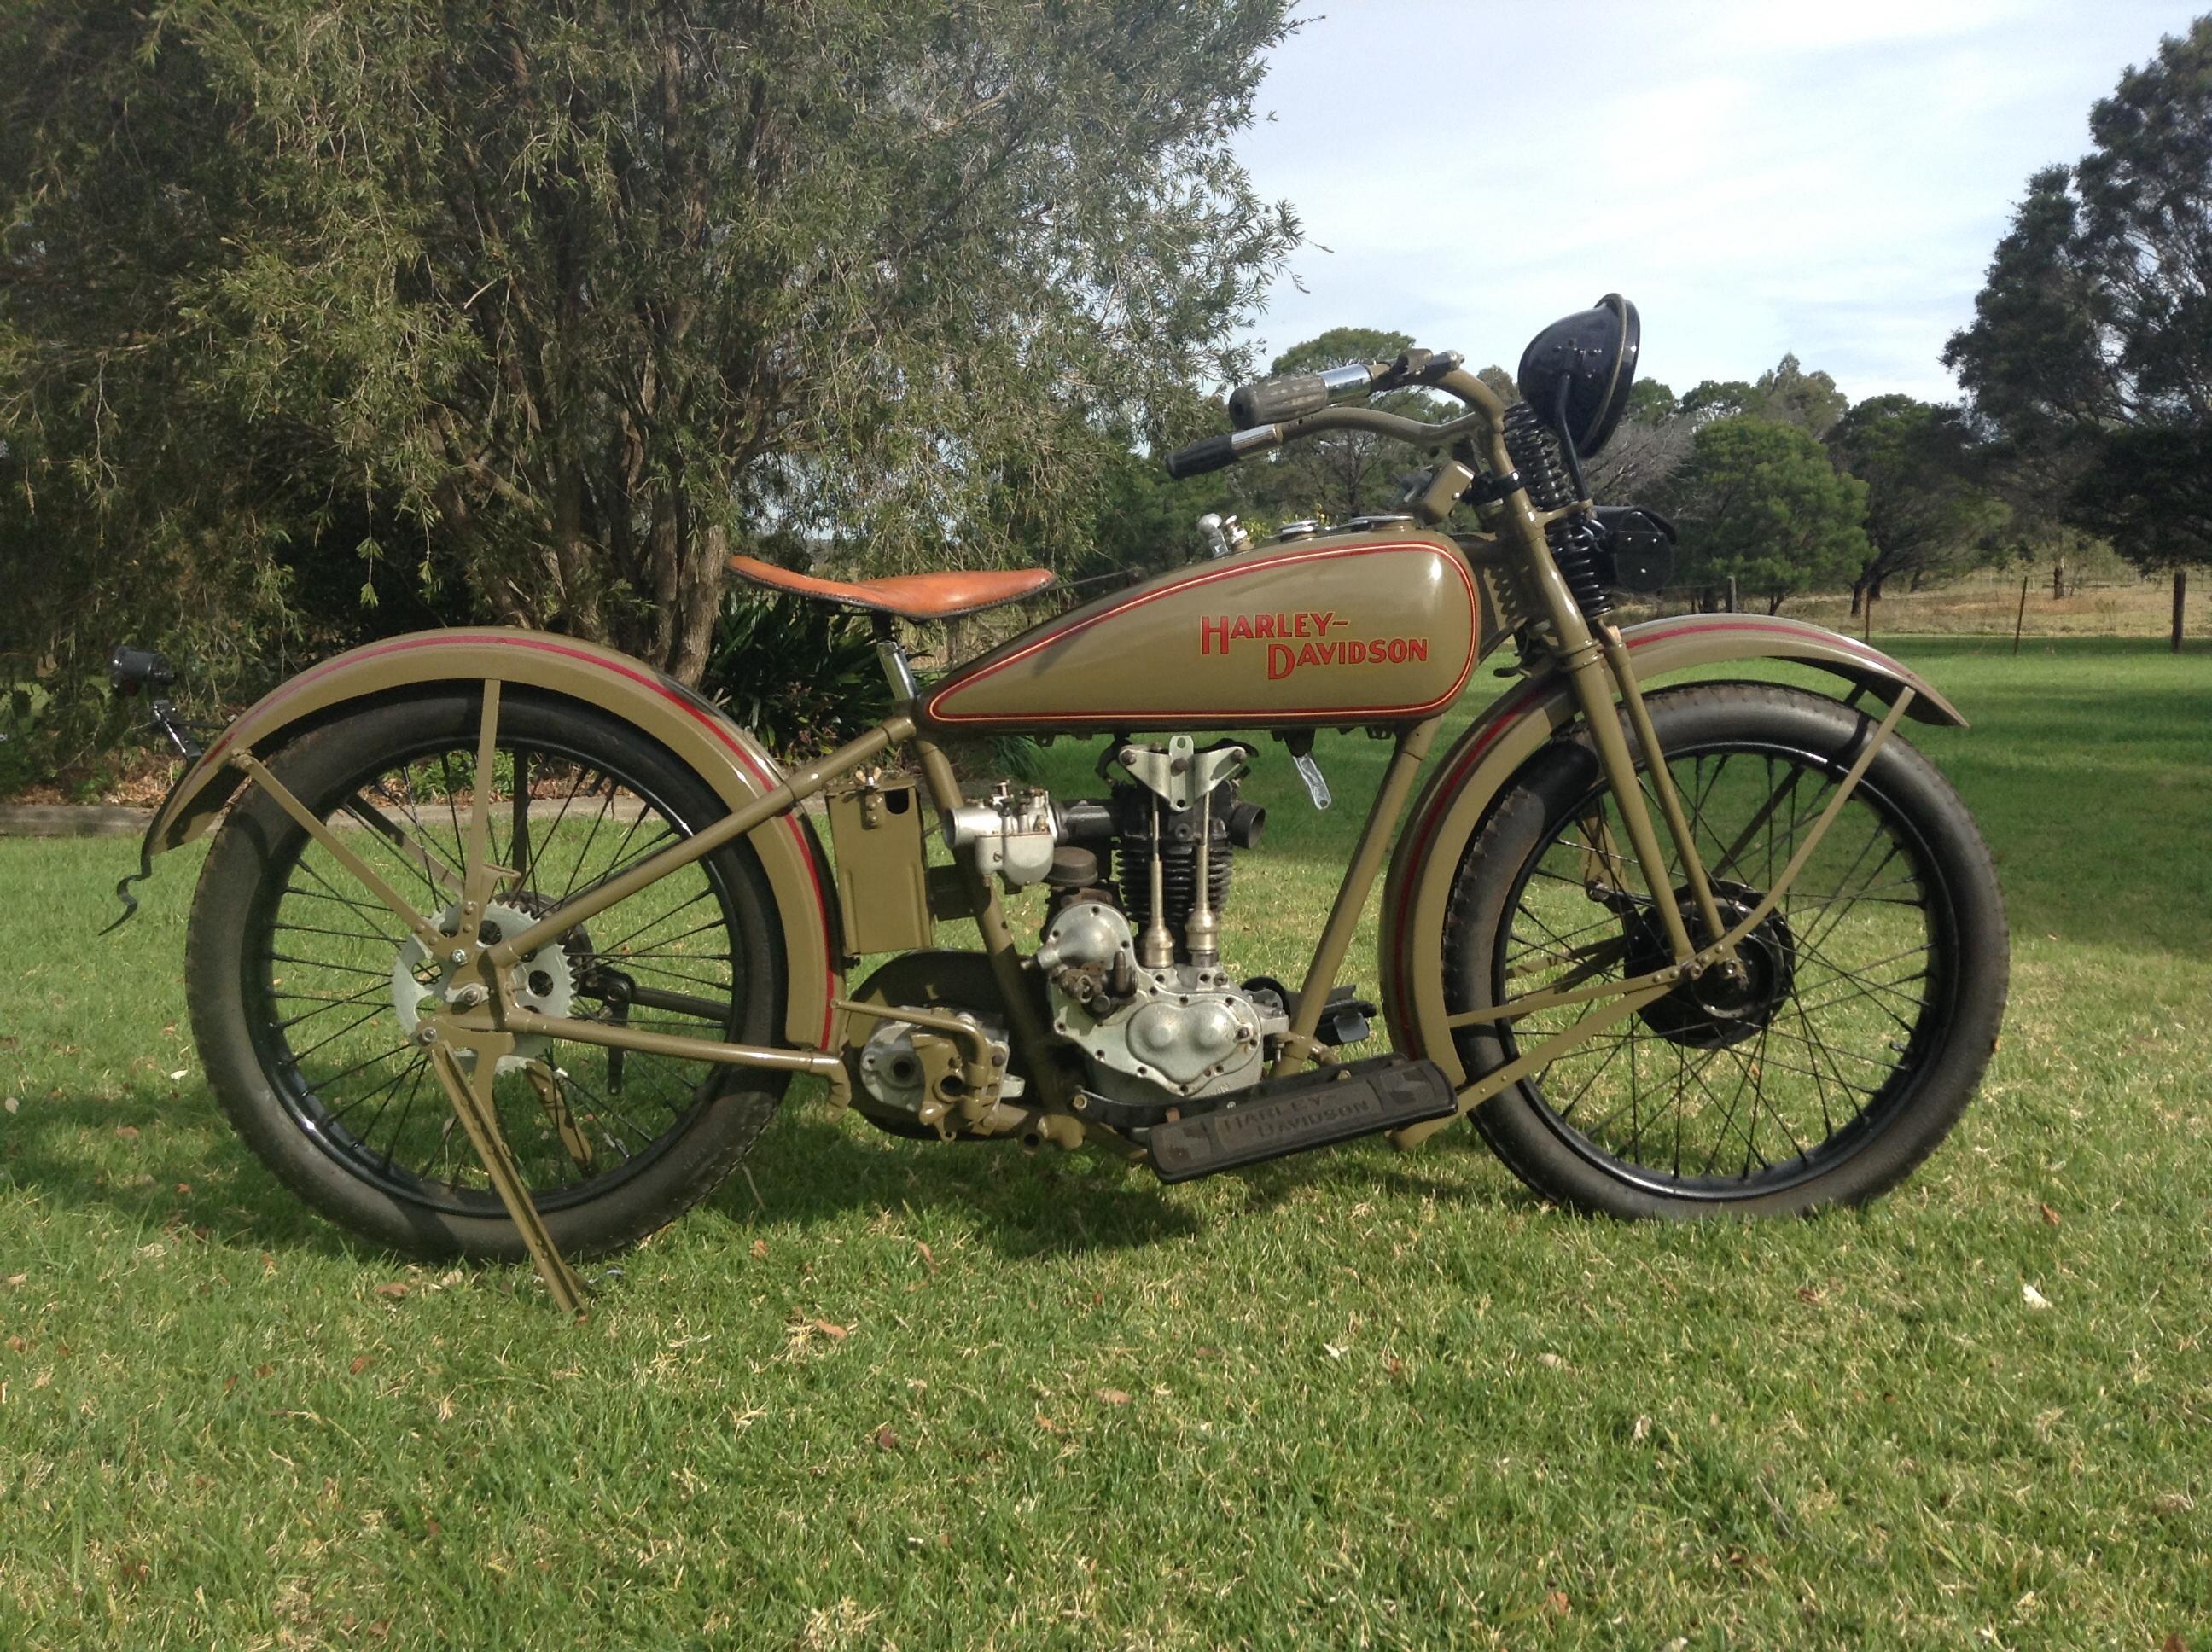 1926 Harley Davidson Ohv Peashooter Sold: 1928 Harley Davidson OHV 350cc – SOLD